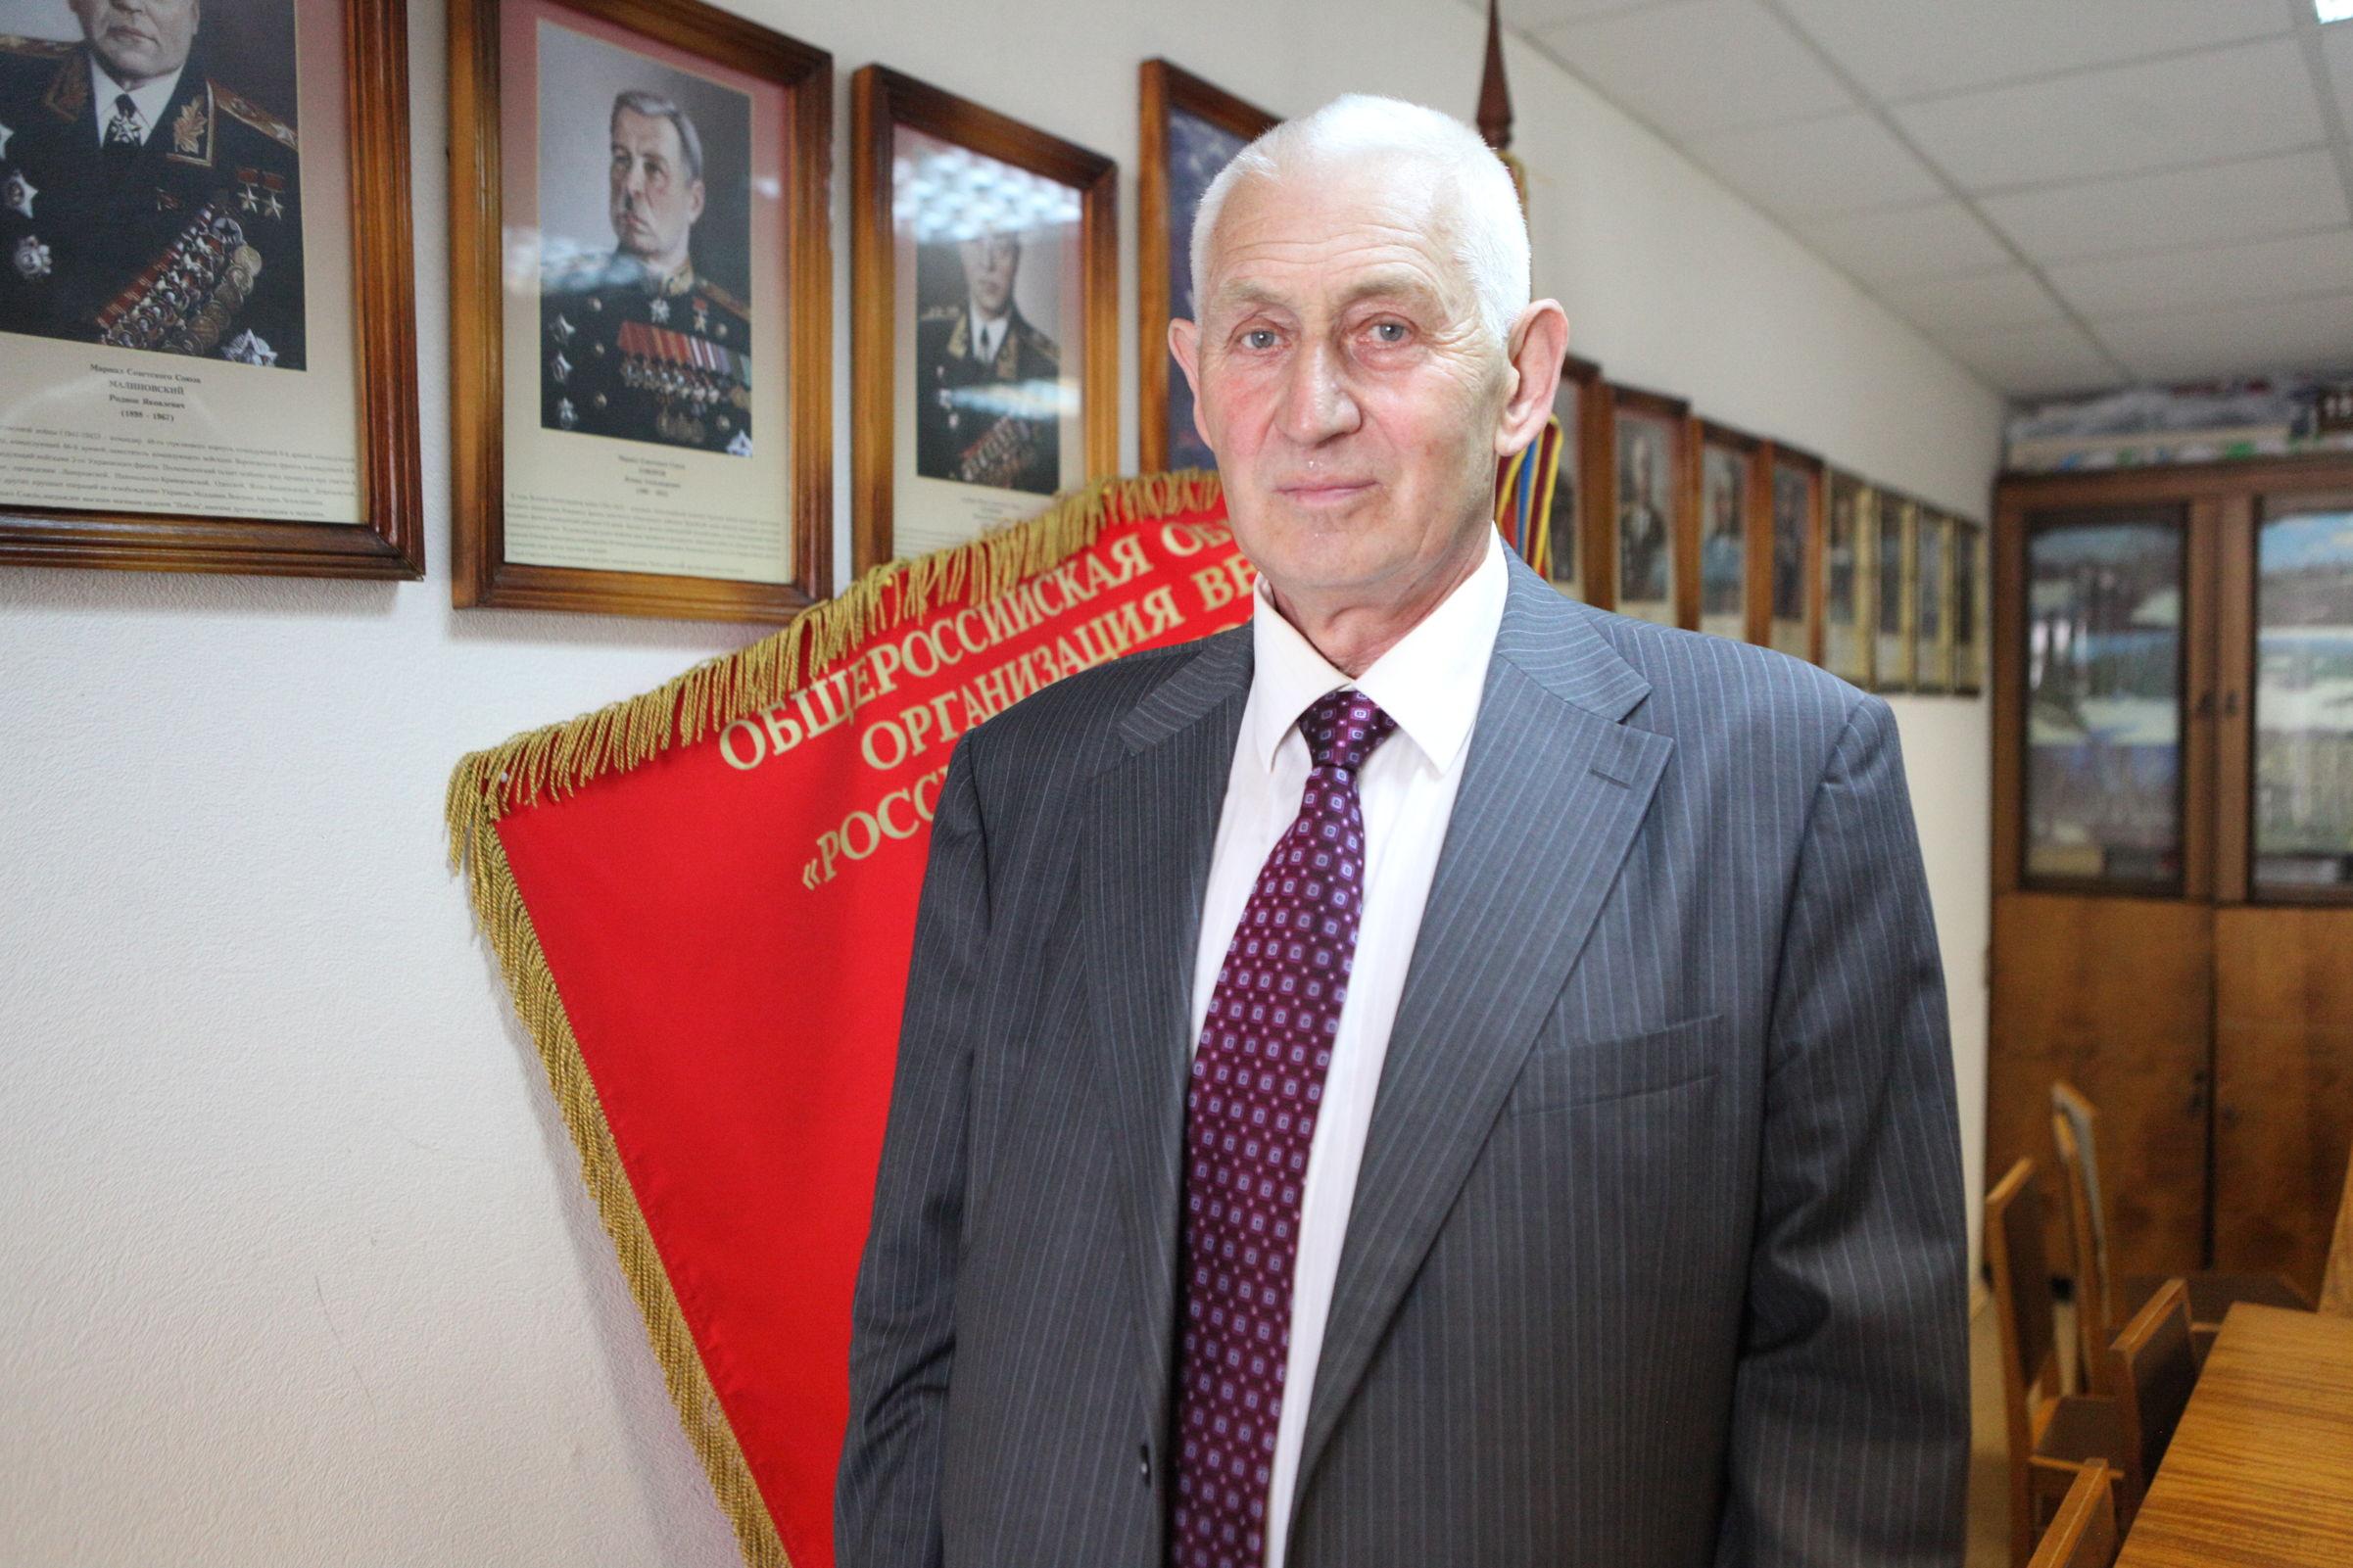 Председатель областной общественной организации ветеранов Евгений Болтов рассказал о работе ветеранских организаций